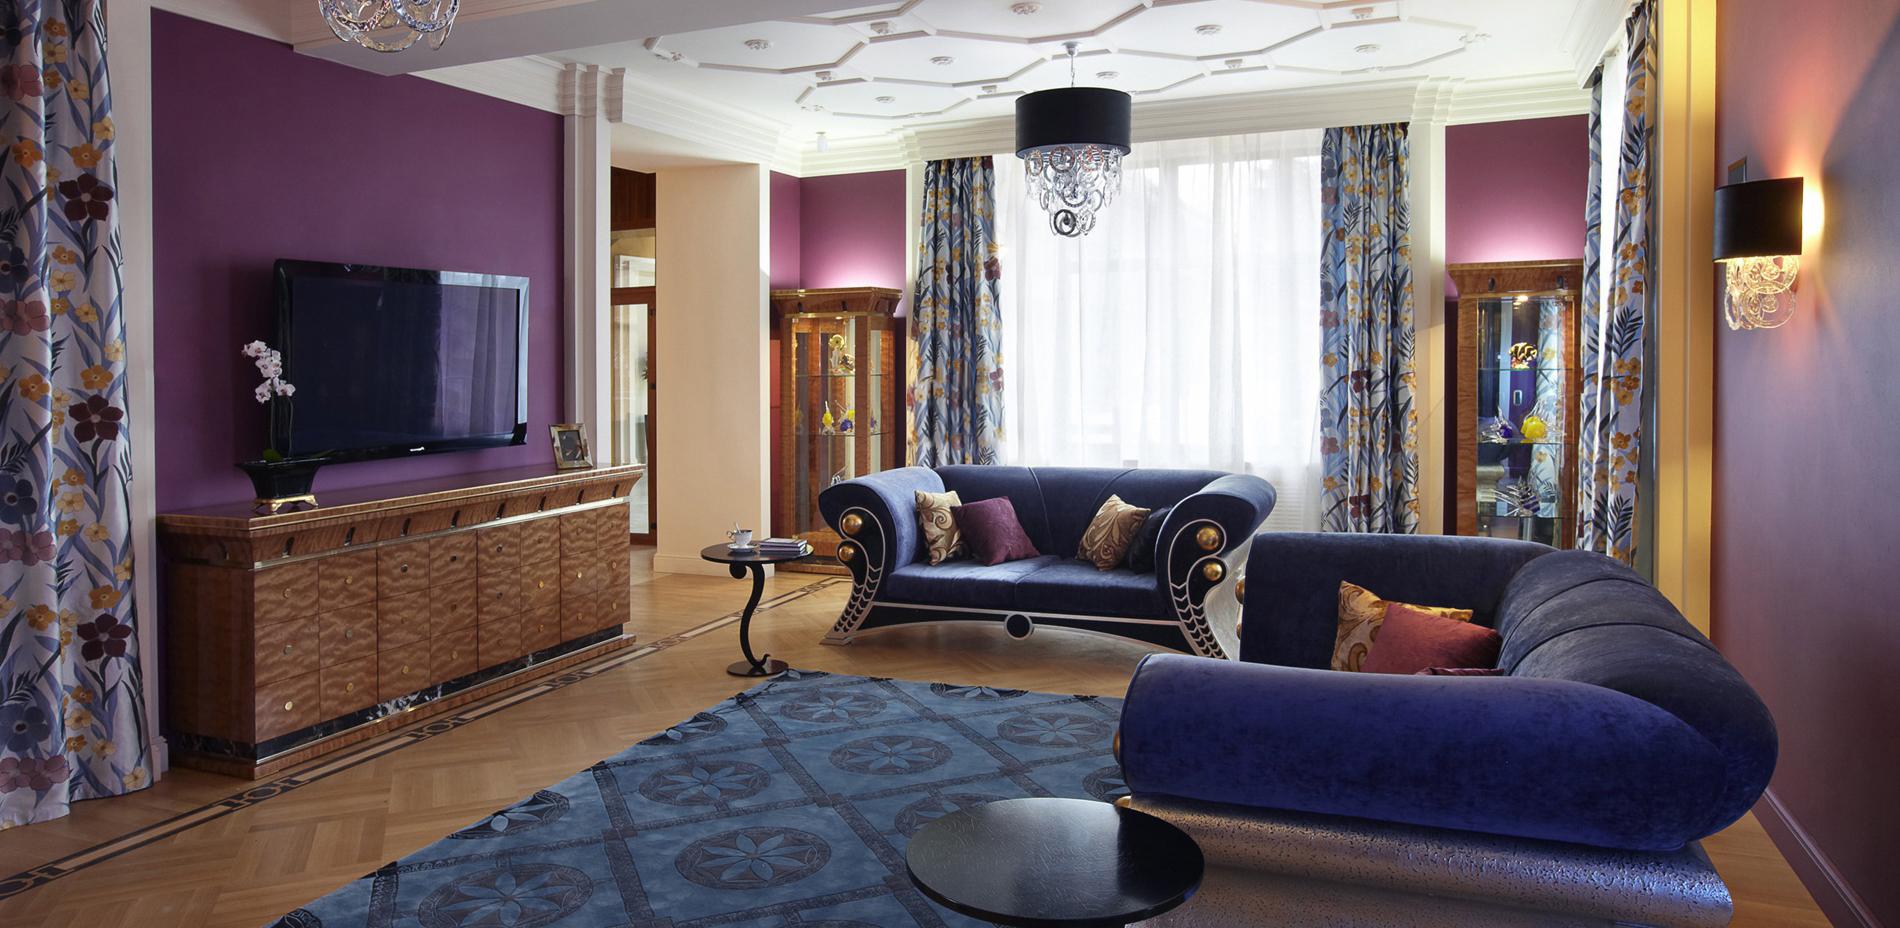 gražus kambario stilius art deco stiliumi